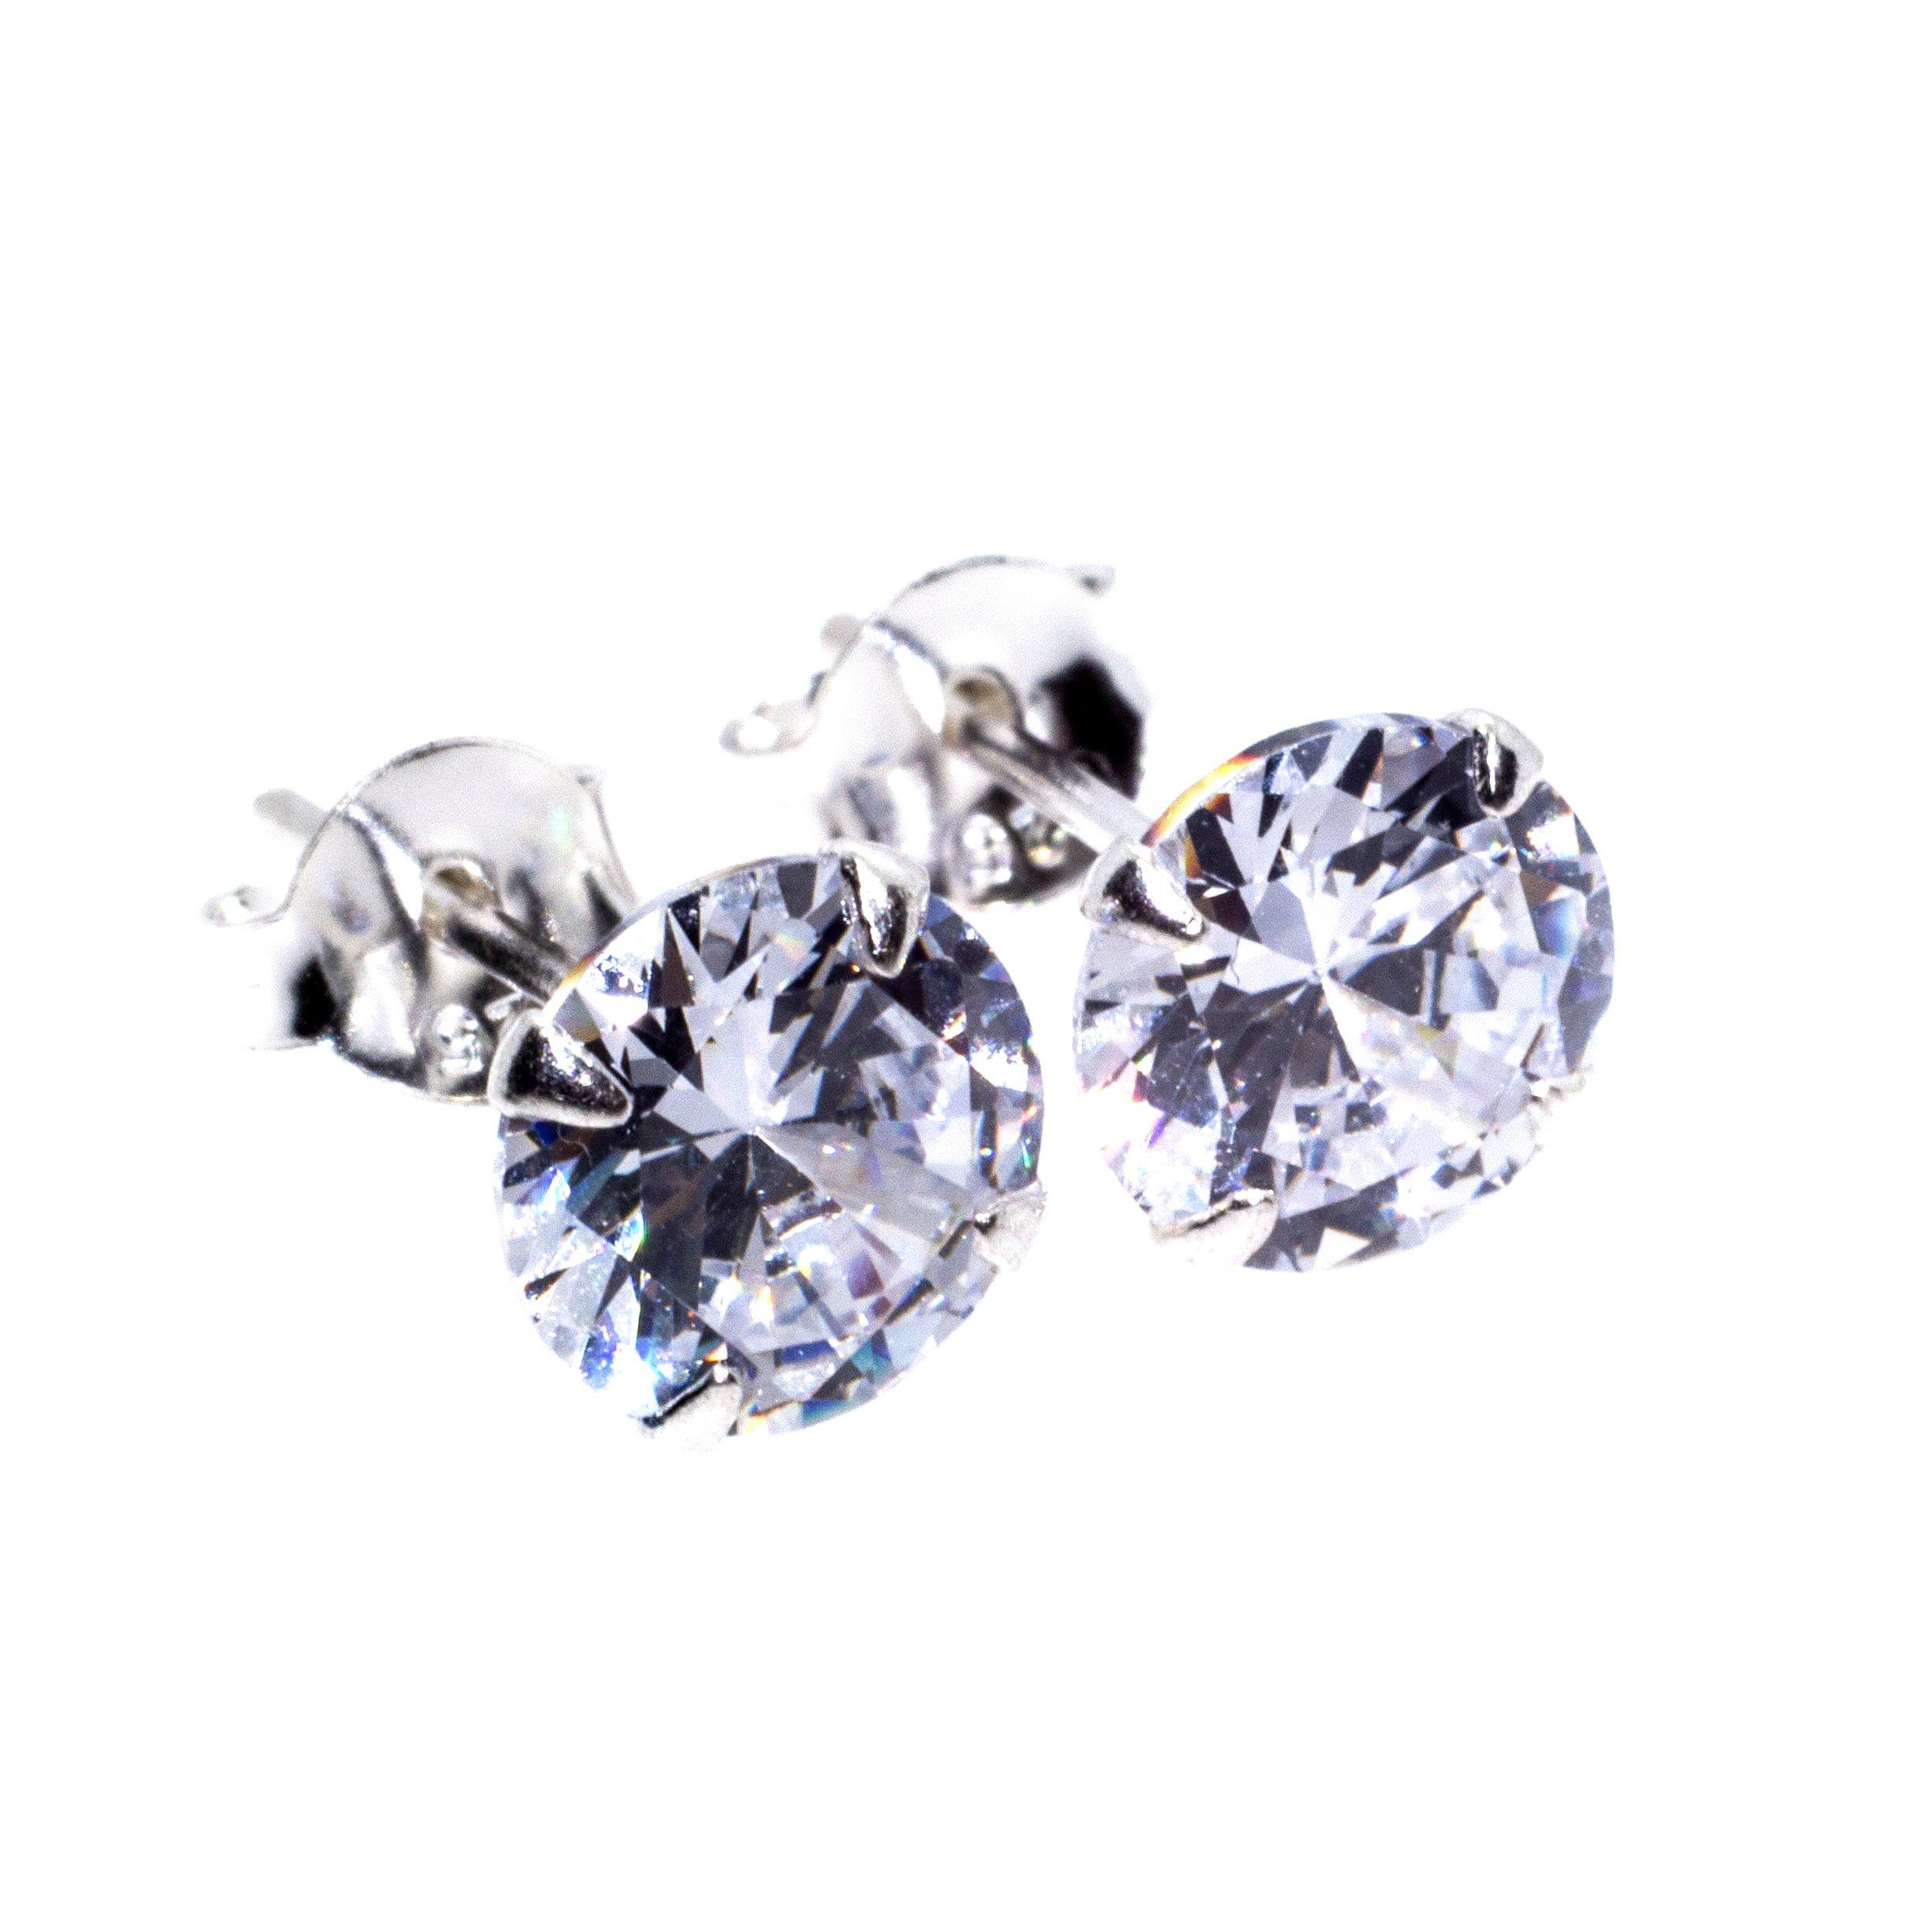 7mm silver cz stud earrings alt 3